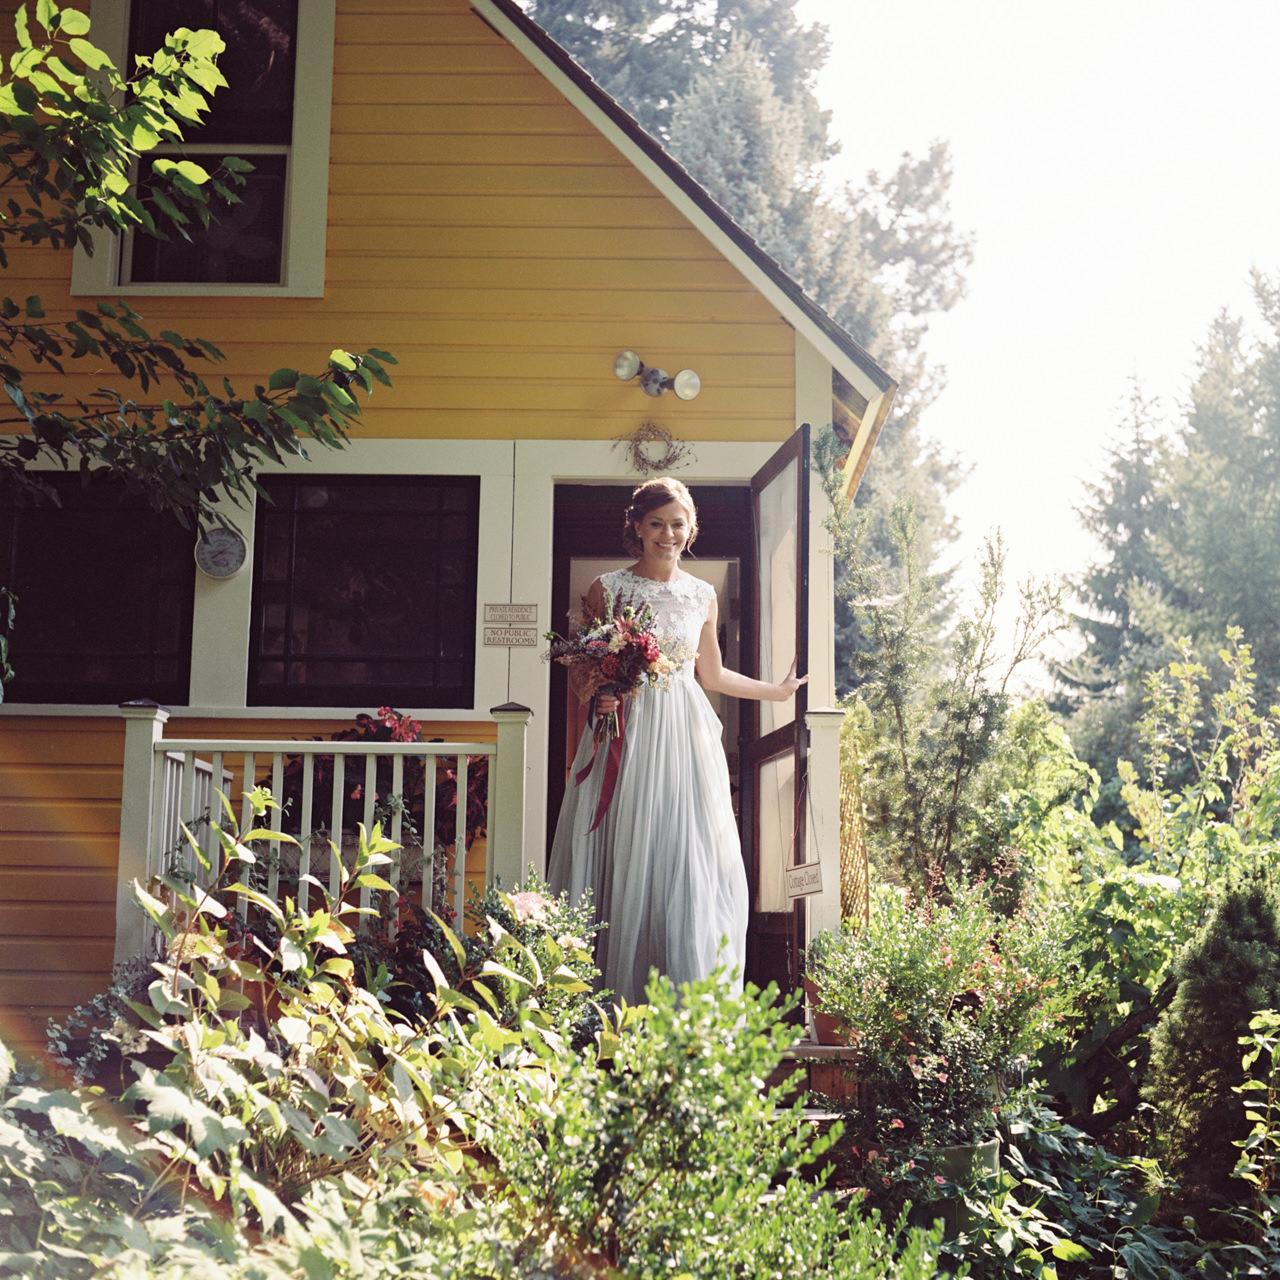 mt-hood-organic-farms-film-wedding-01.jpg